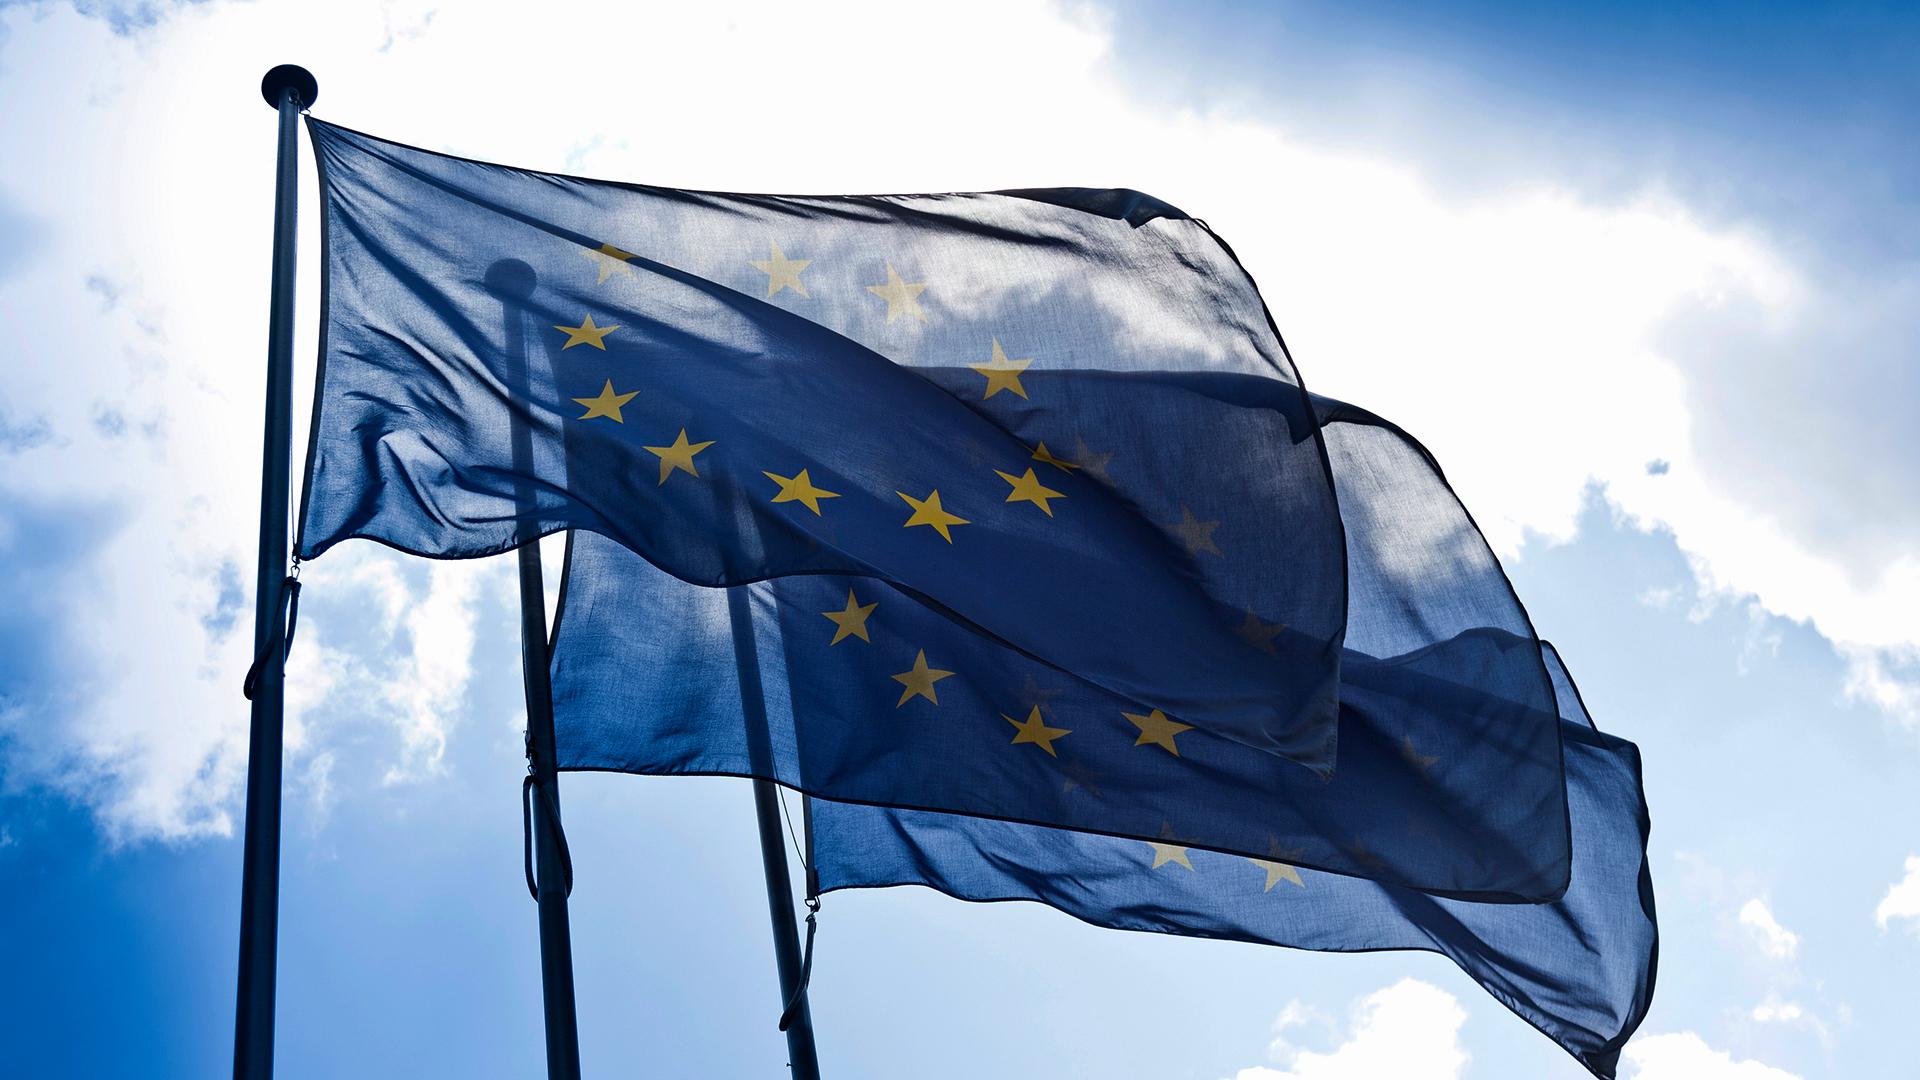 Lemondott magyar EP-képviselő is ott lehetett a brüsszeli orgián